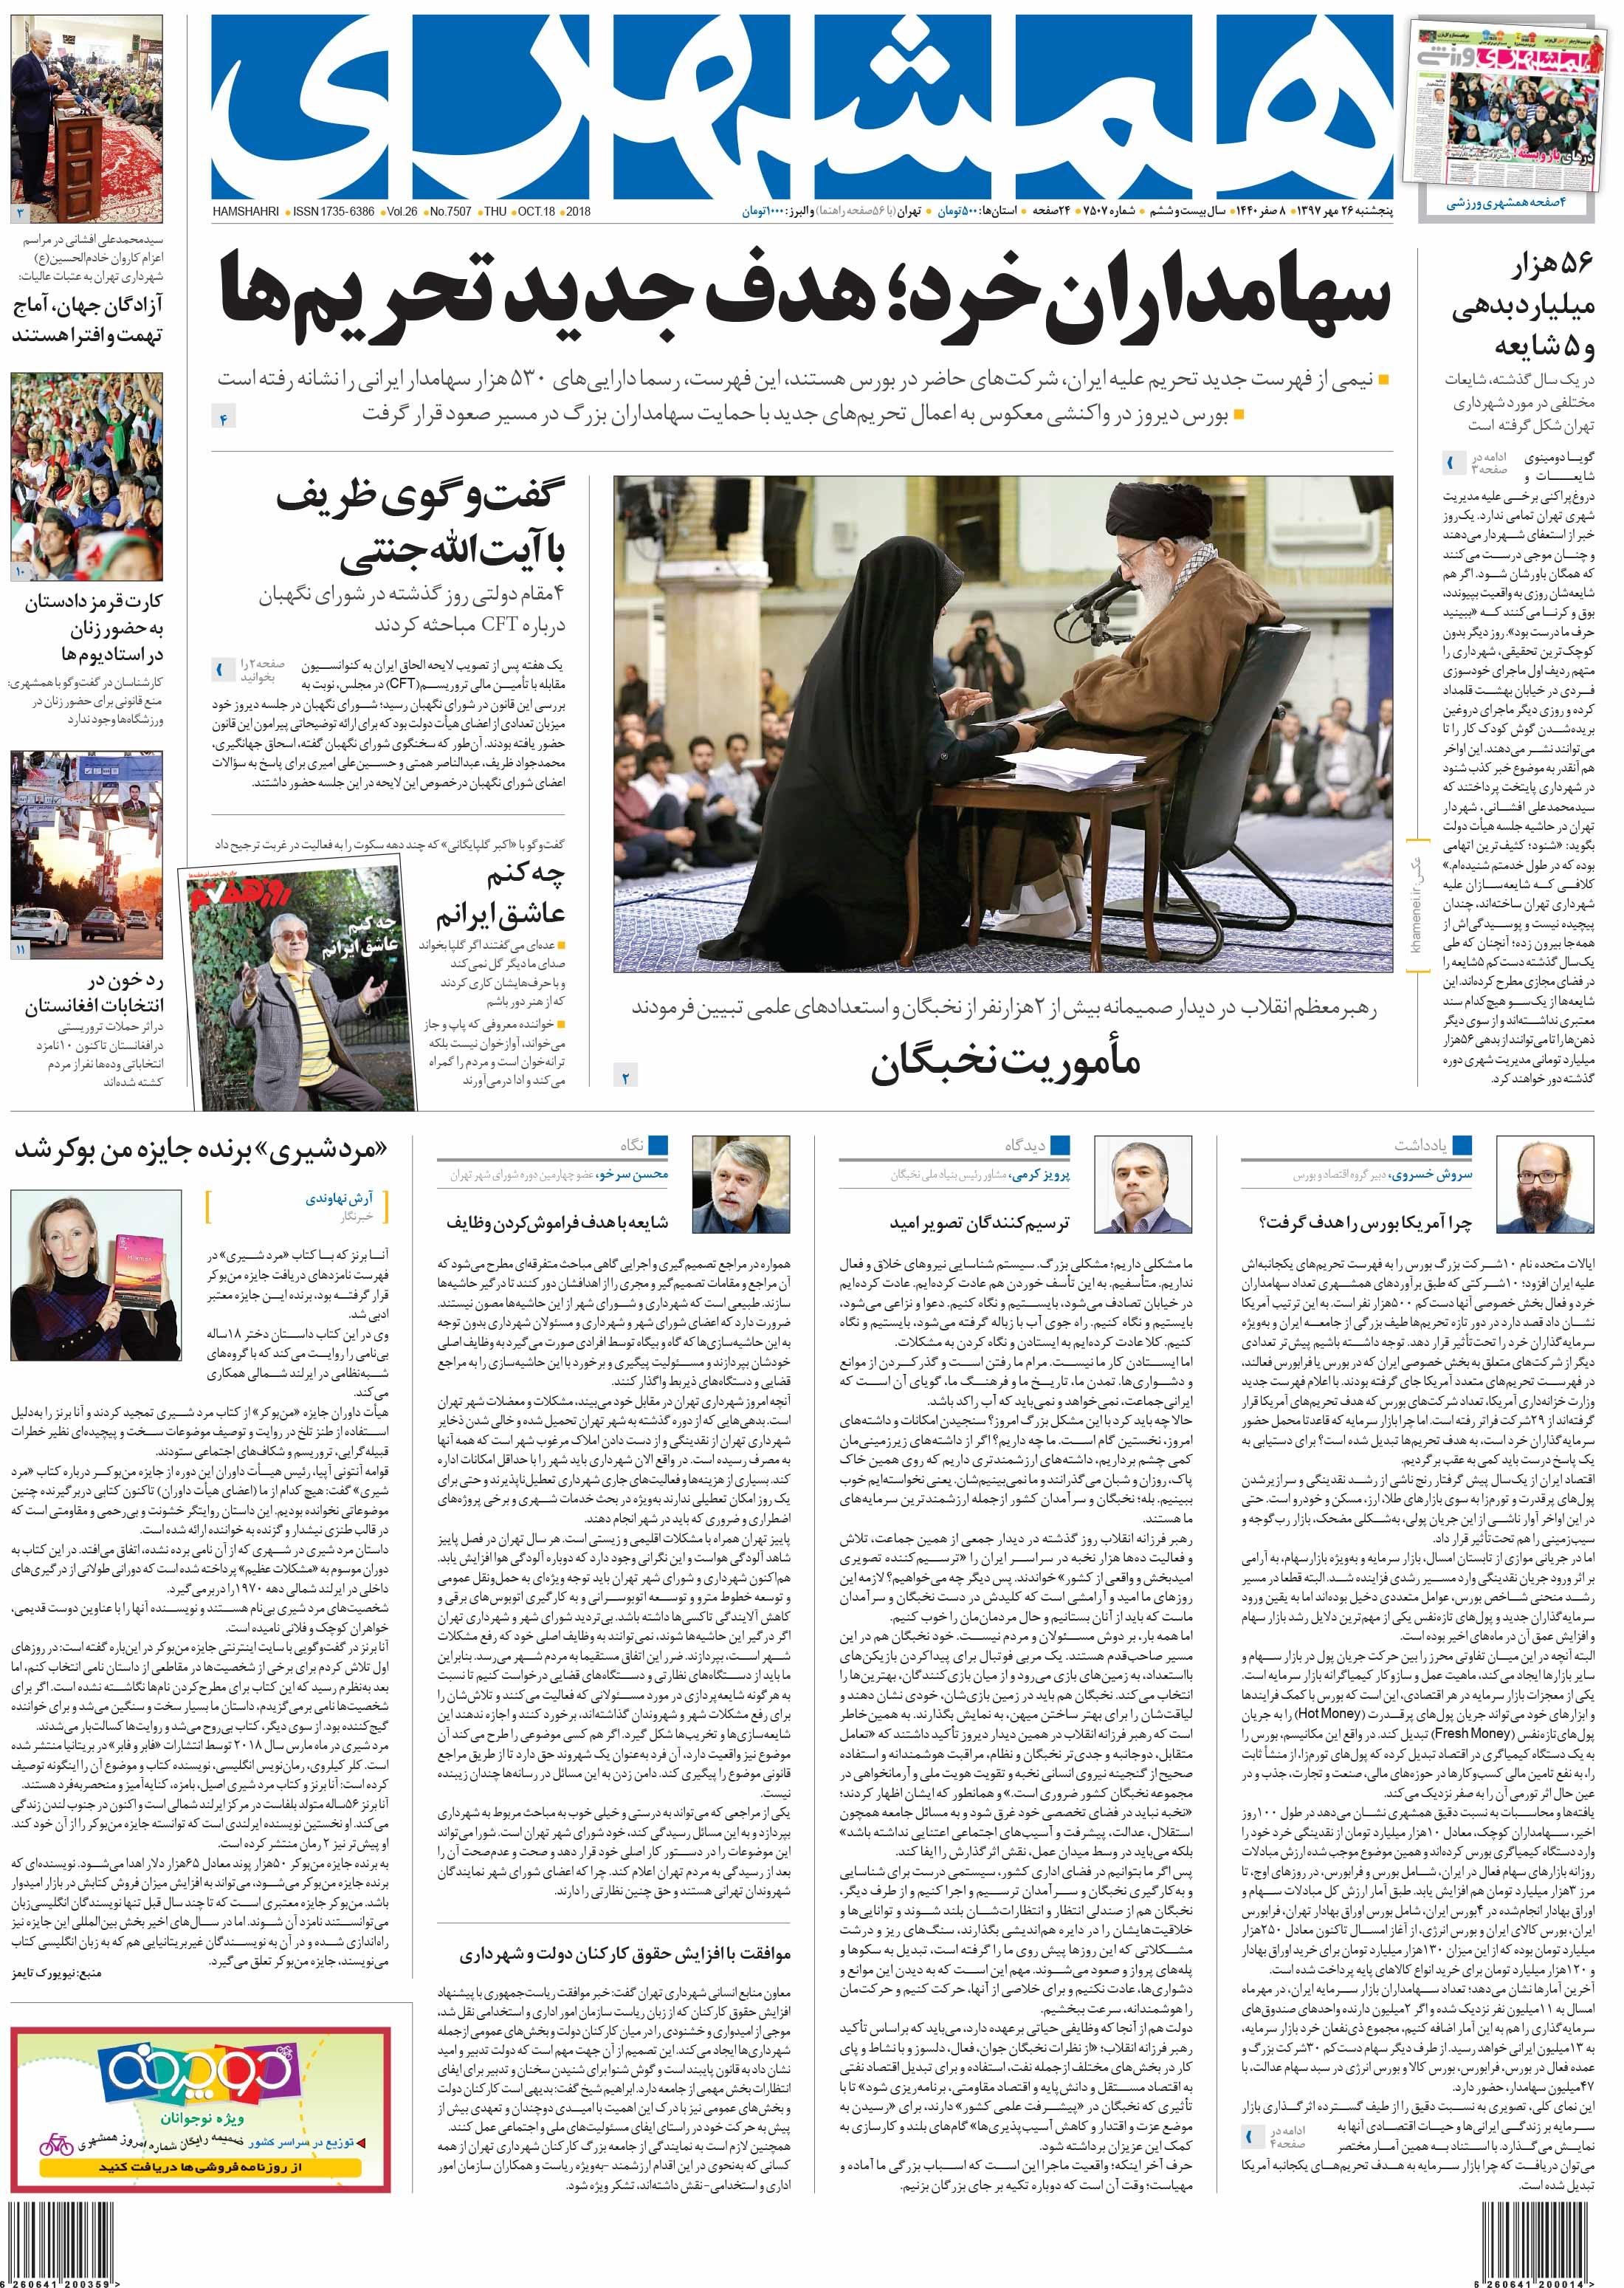 صفحه اول پنجشنبه 26 مهر 1397